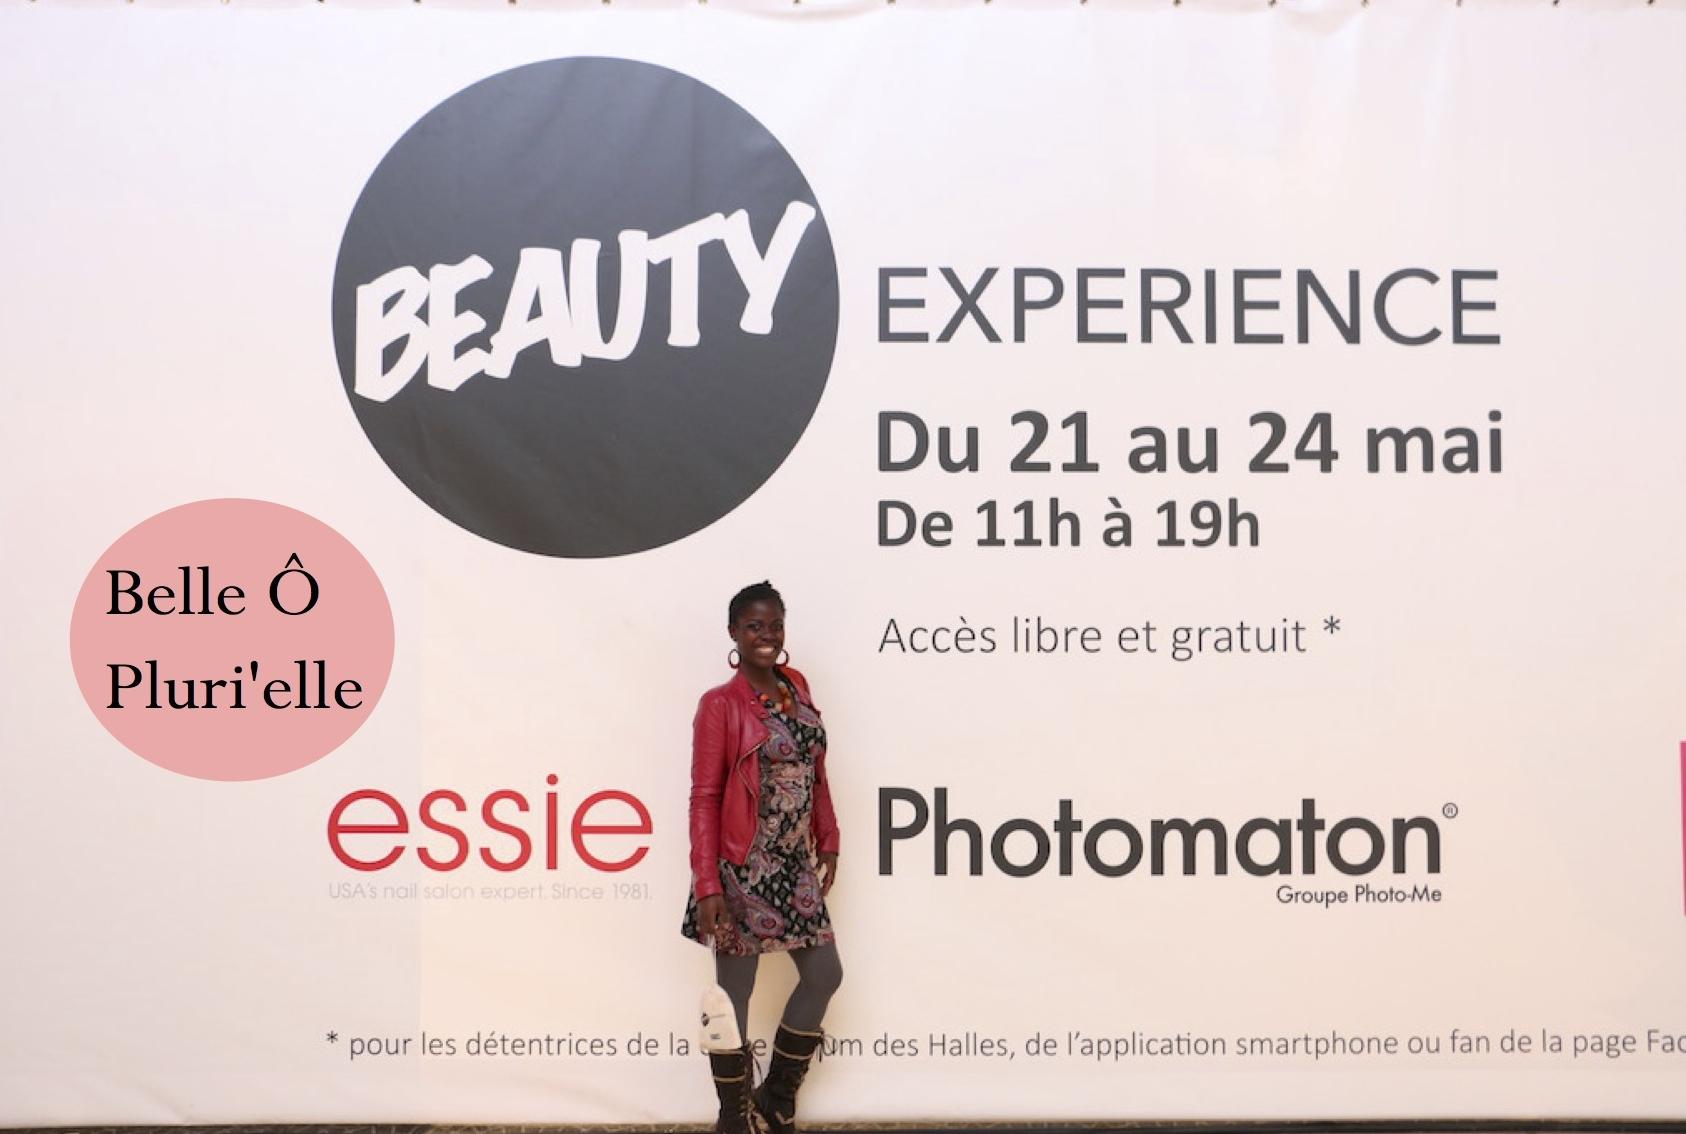 Beautyconcept7